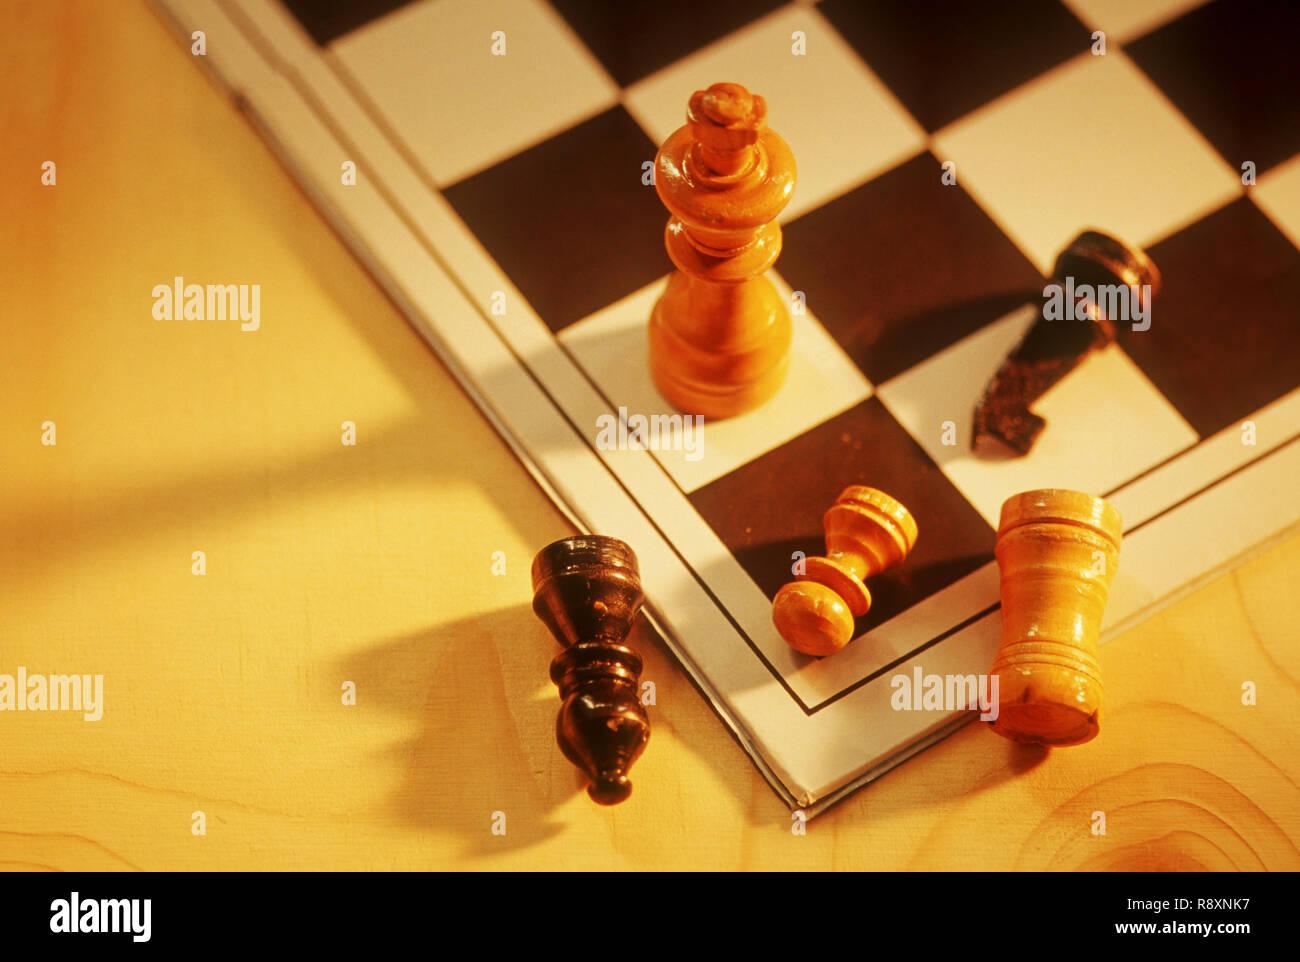 Tasti di scacchi, Concept Immagini Stock